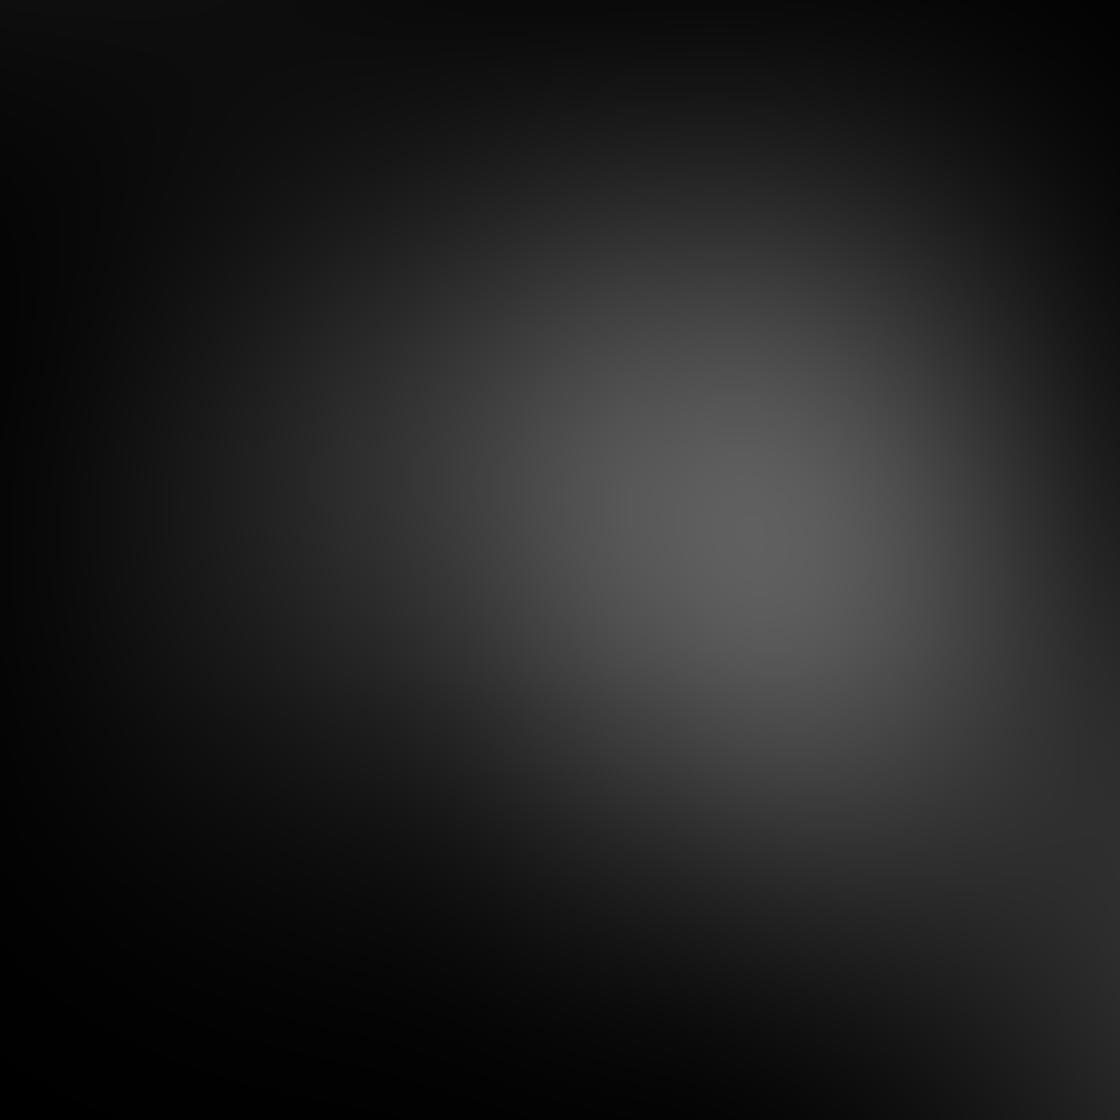 iPhone Photos Low Light 27